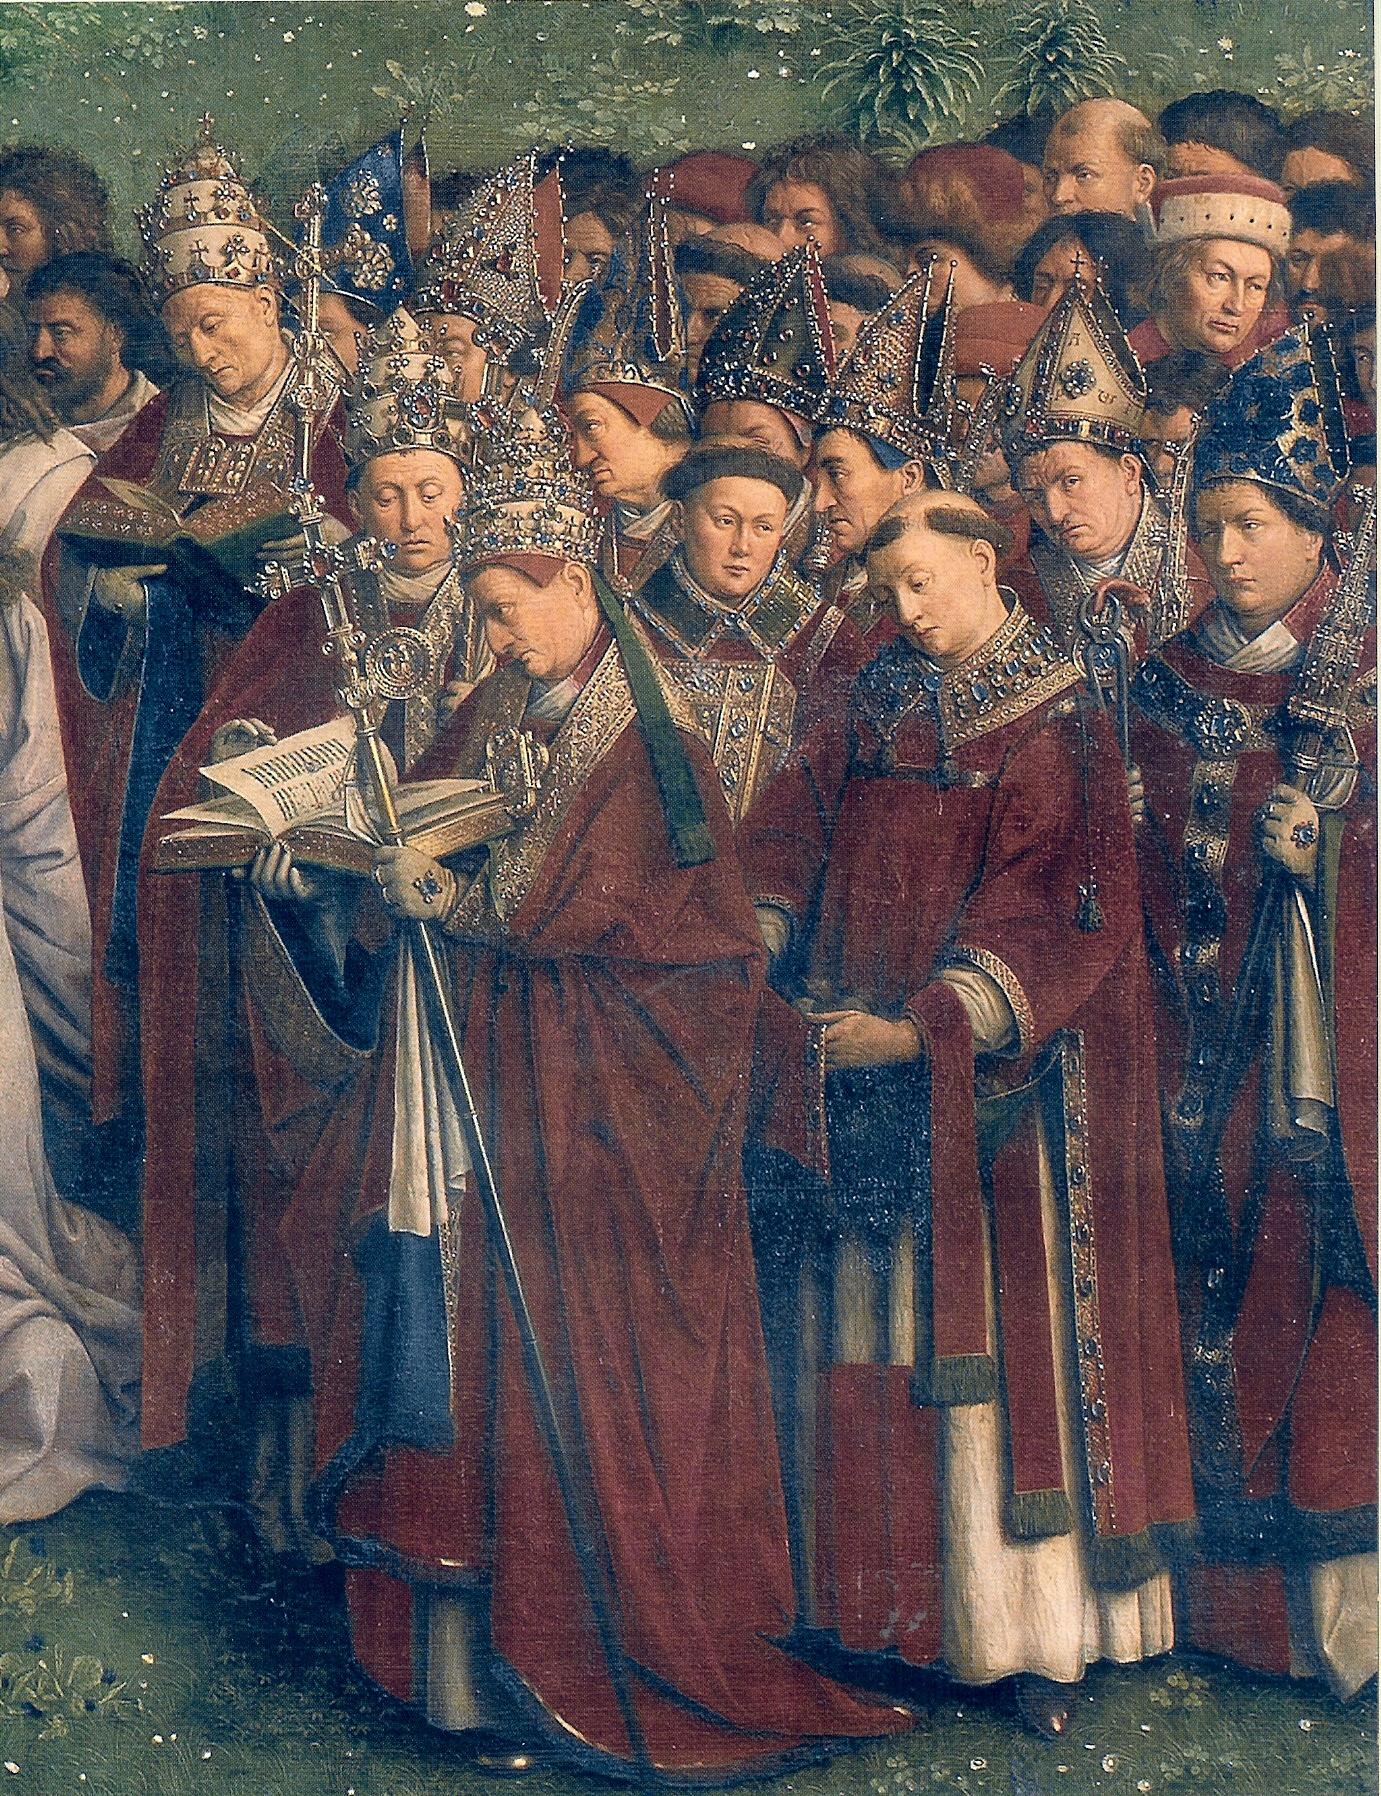 Papieże i biskupi (Jan van Eyck, Ołtarz Gandawski, 1432)